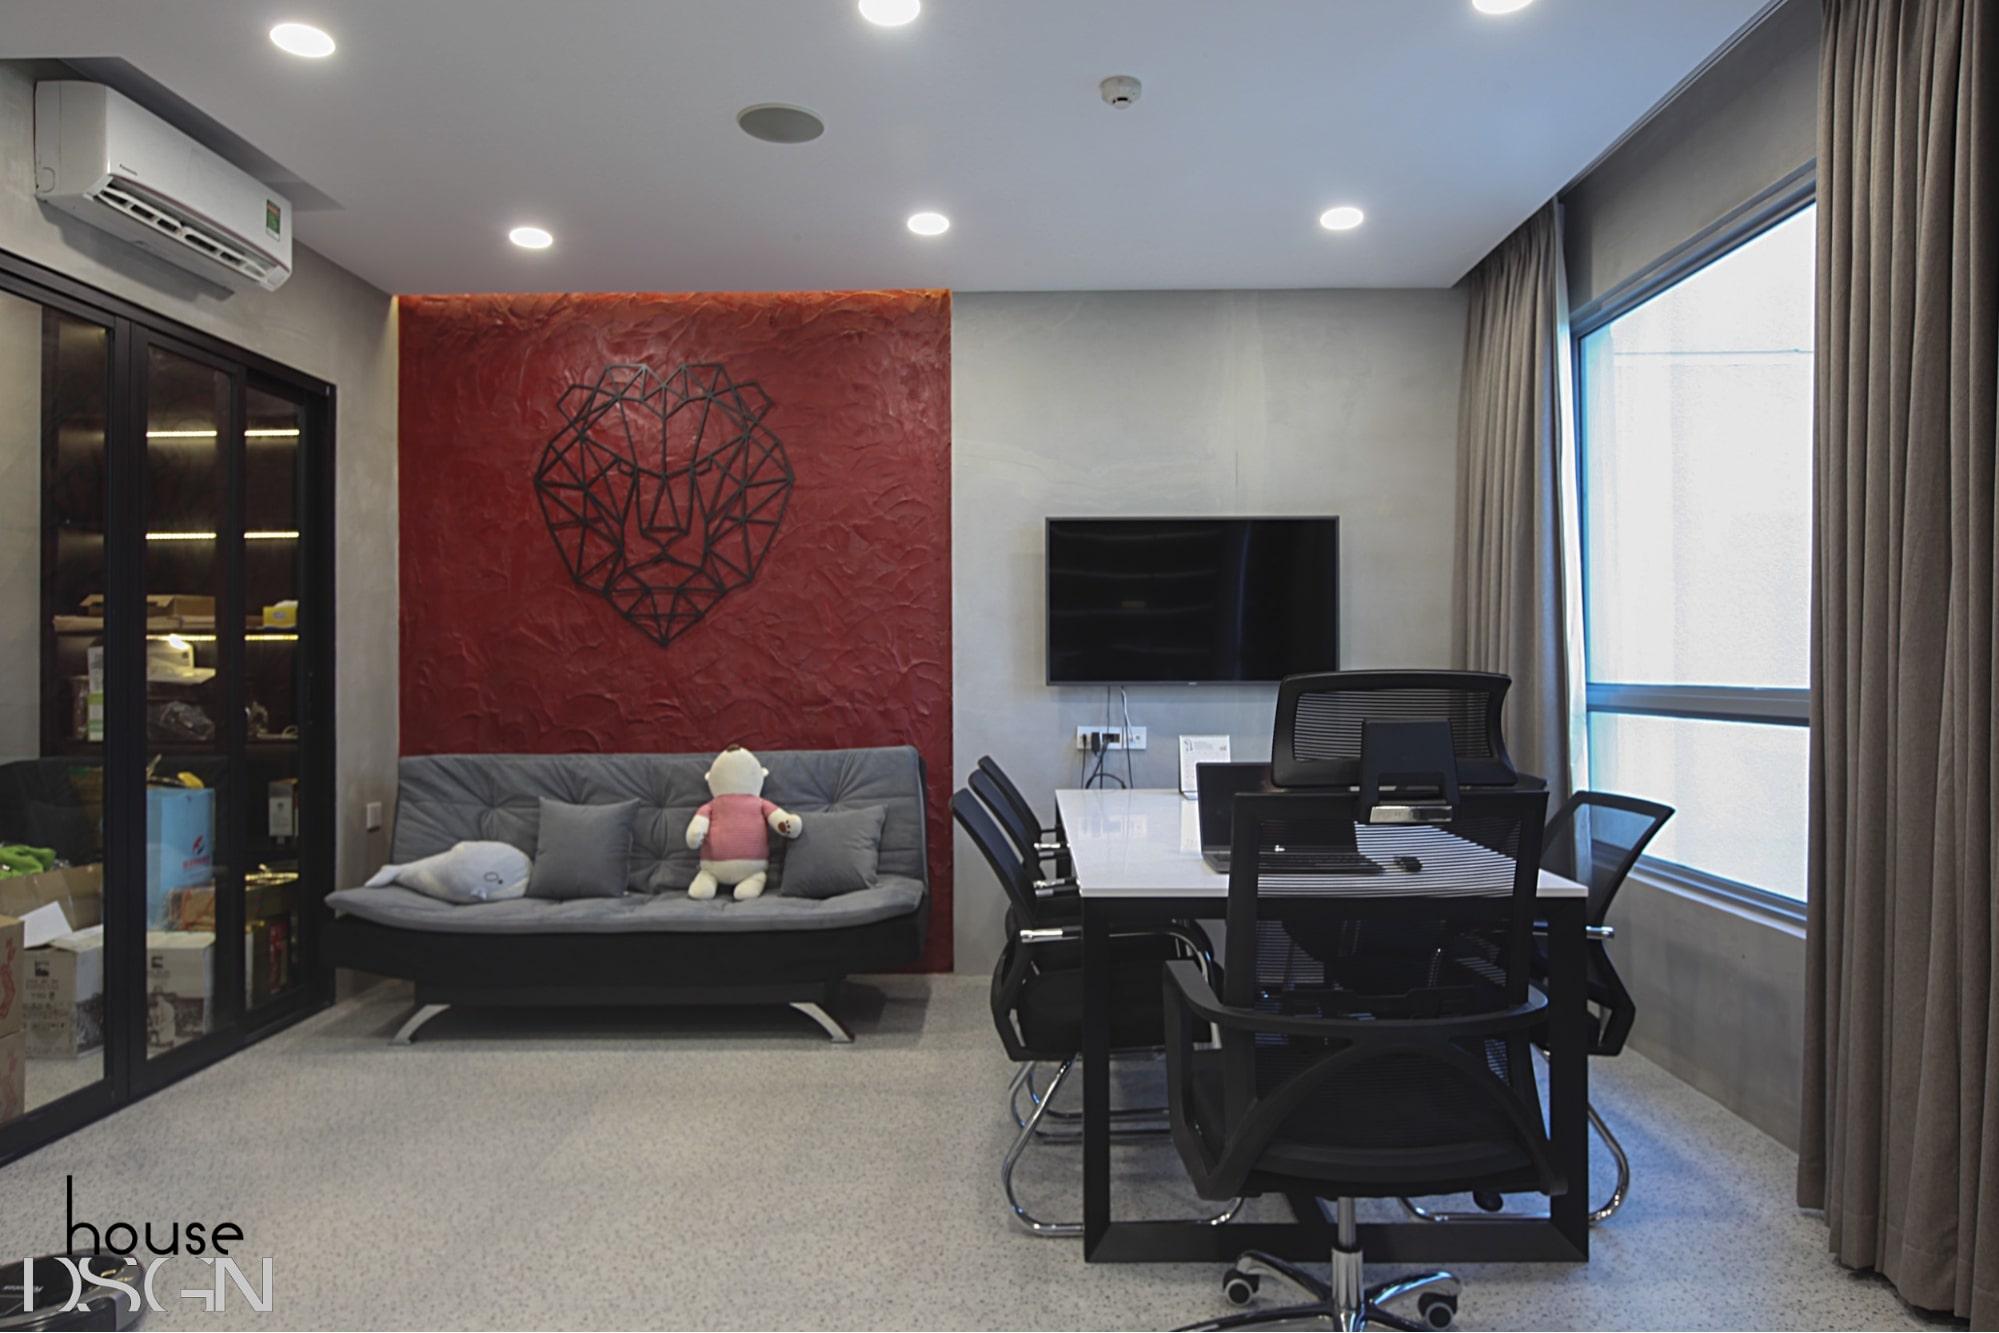 mẫu thiết kế nội thất văn phòng tphcm đẹp